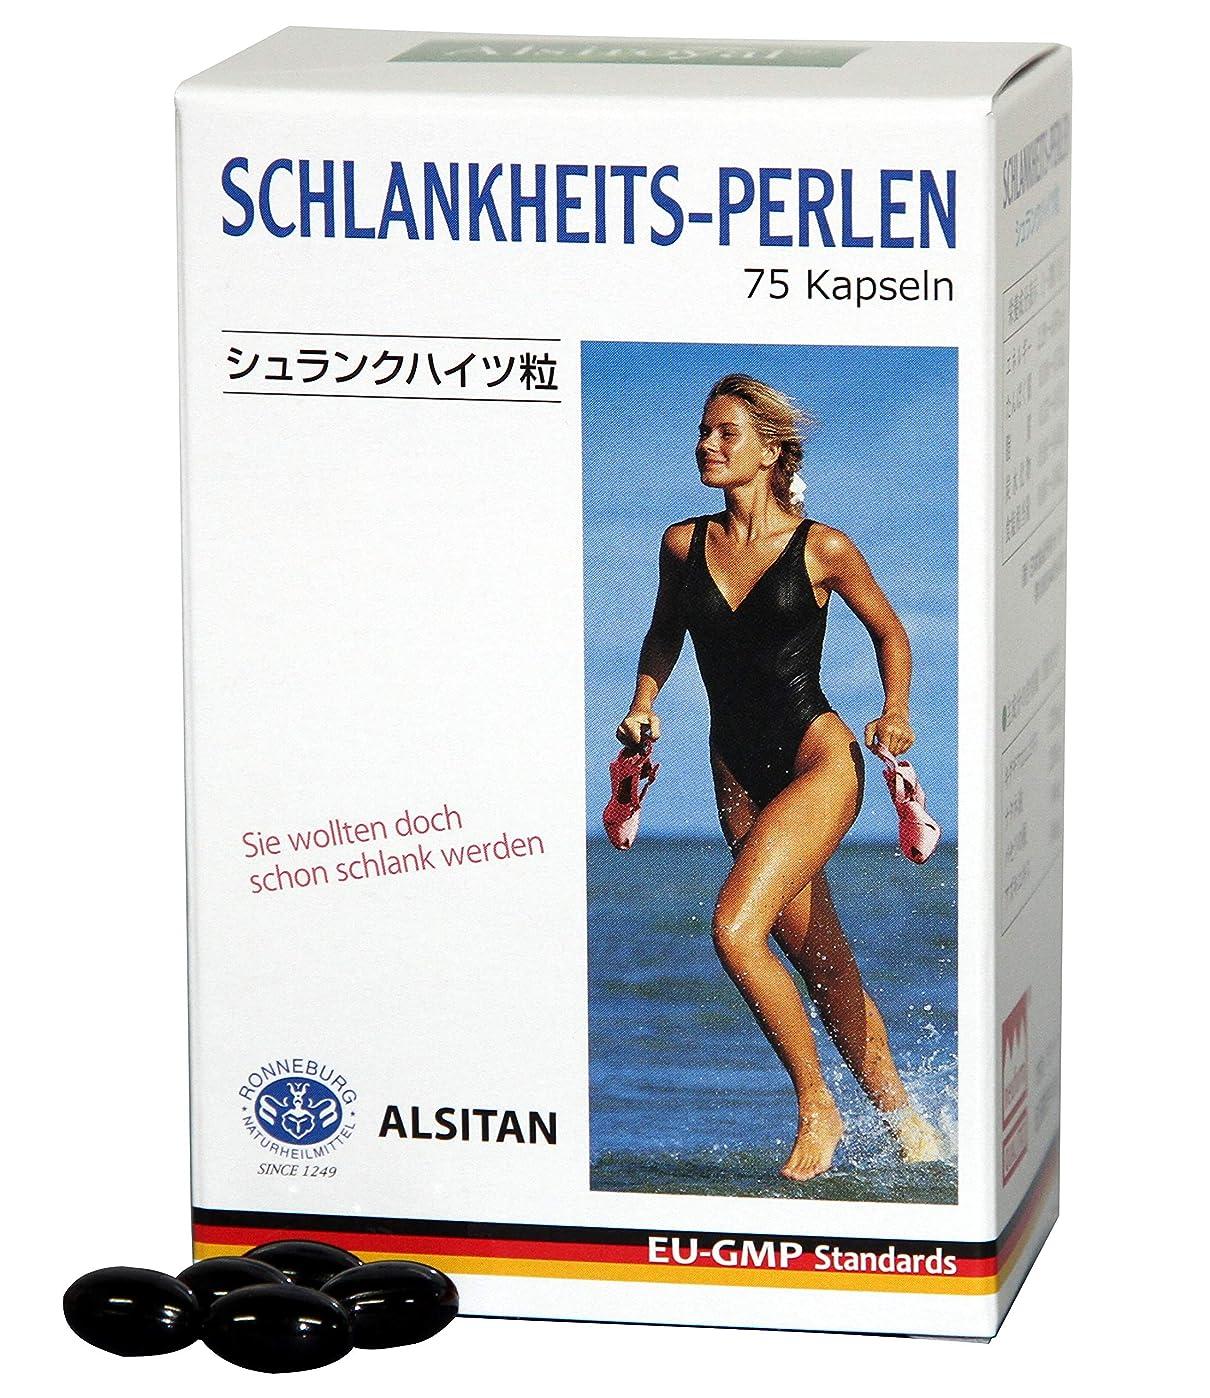 高潔なく起業家シュランクハイツ粒 2箱セット 150粒 ダイエットサプリメント